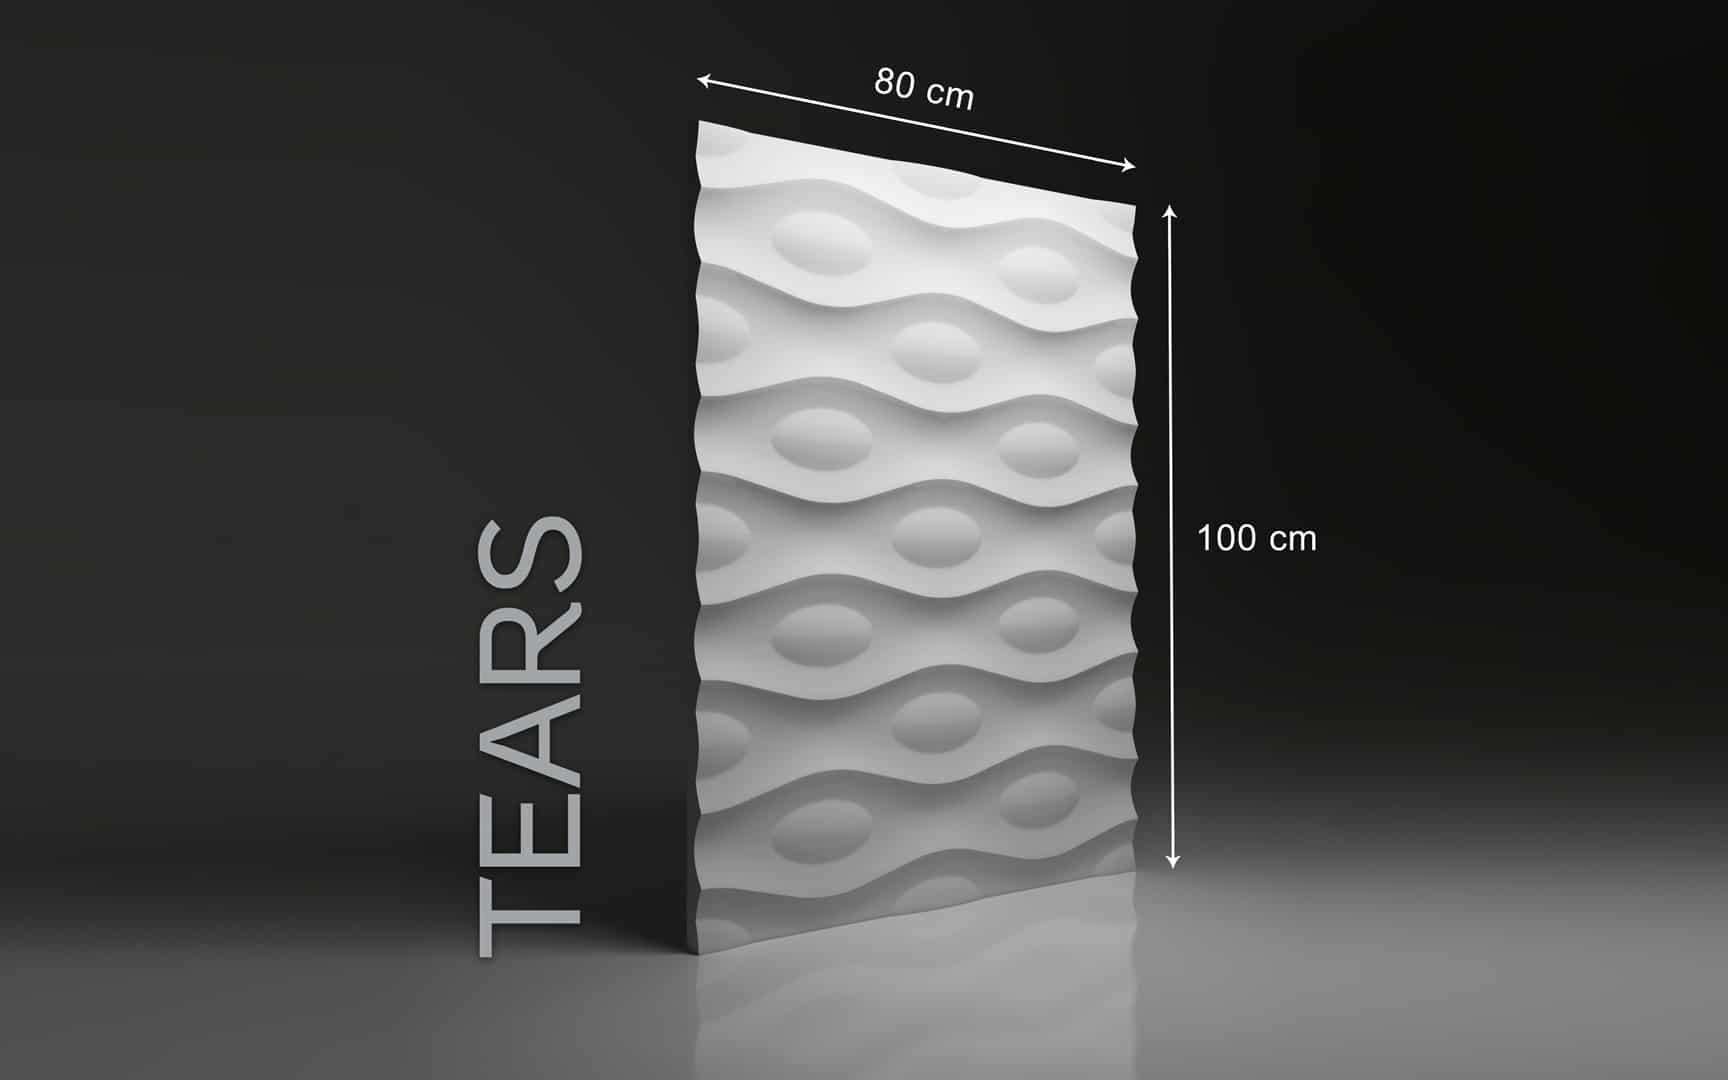 TEARS DIMENSIONS : hauteur 100 cm x largeur 80 cm ÉPAISSEUR : de 1,5 cm à 3,0 cm POIDS : environ 12 kg